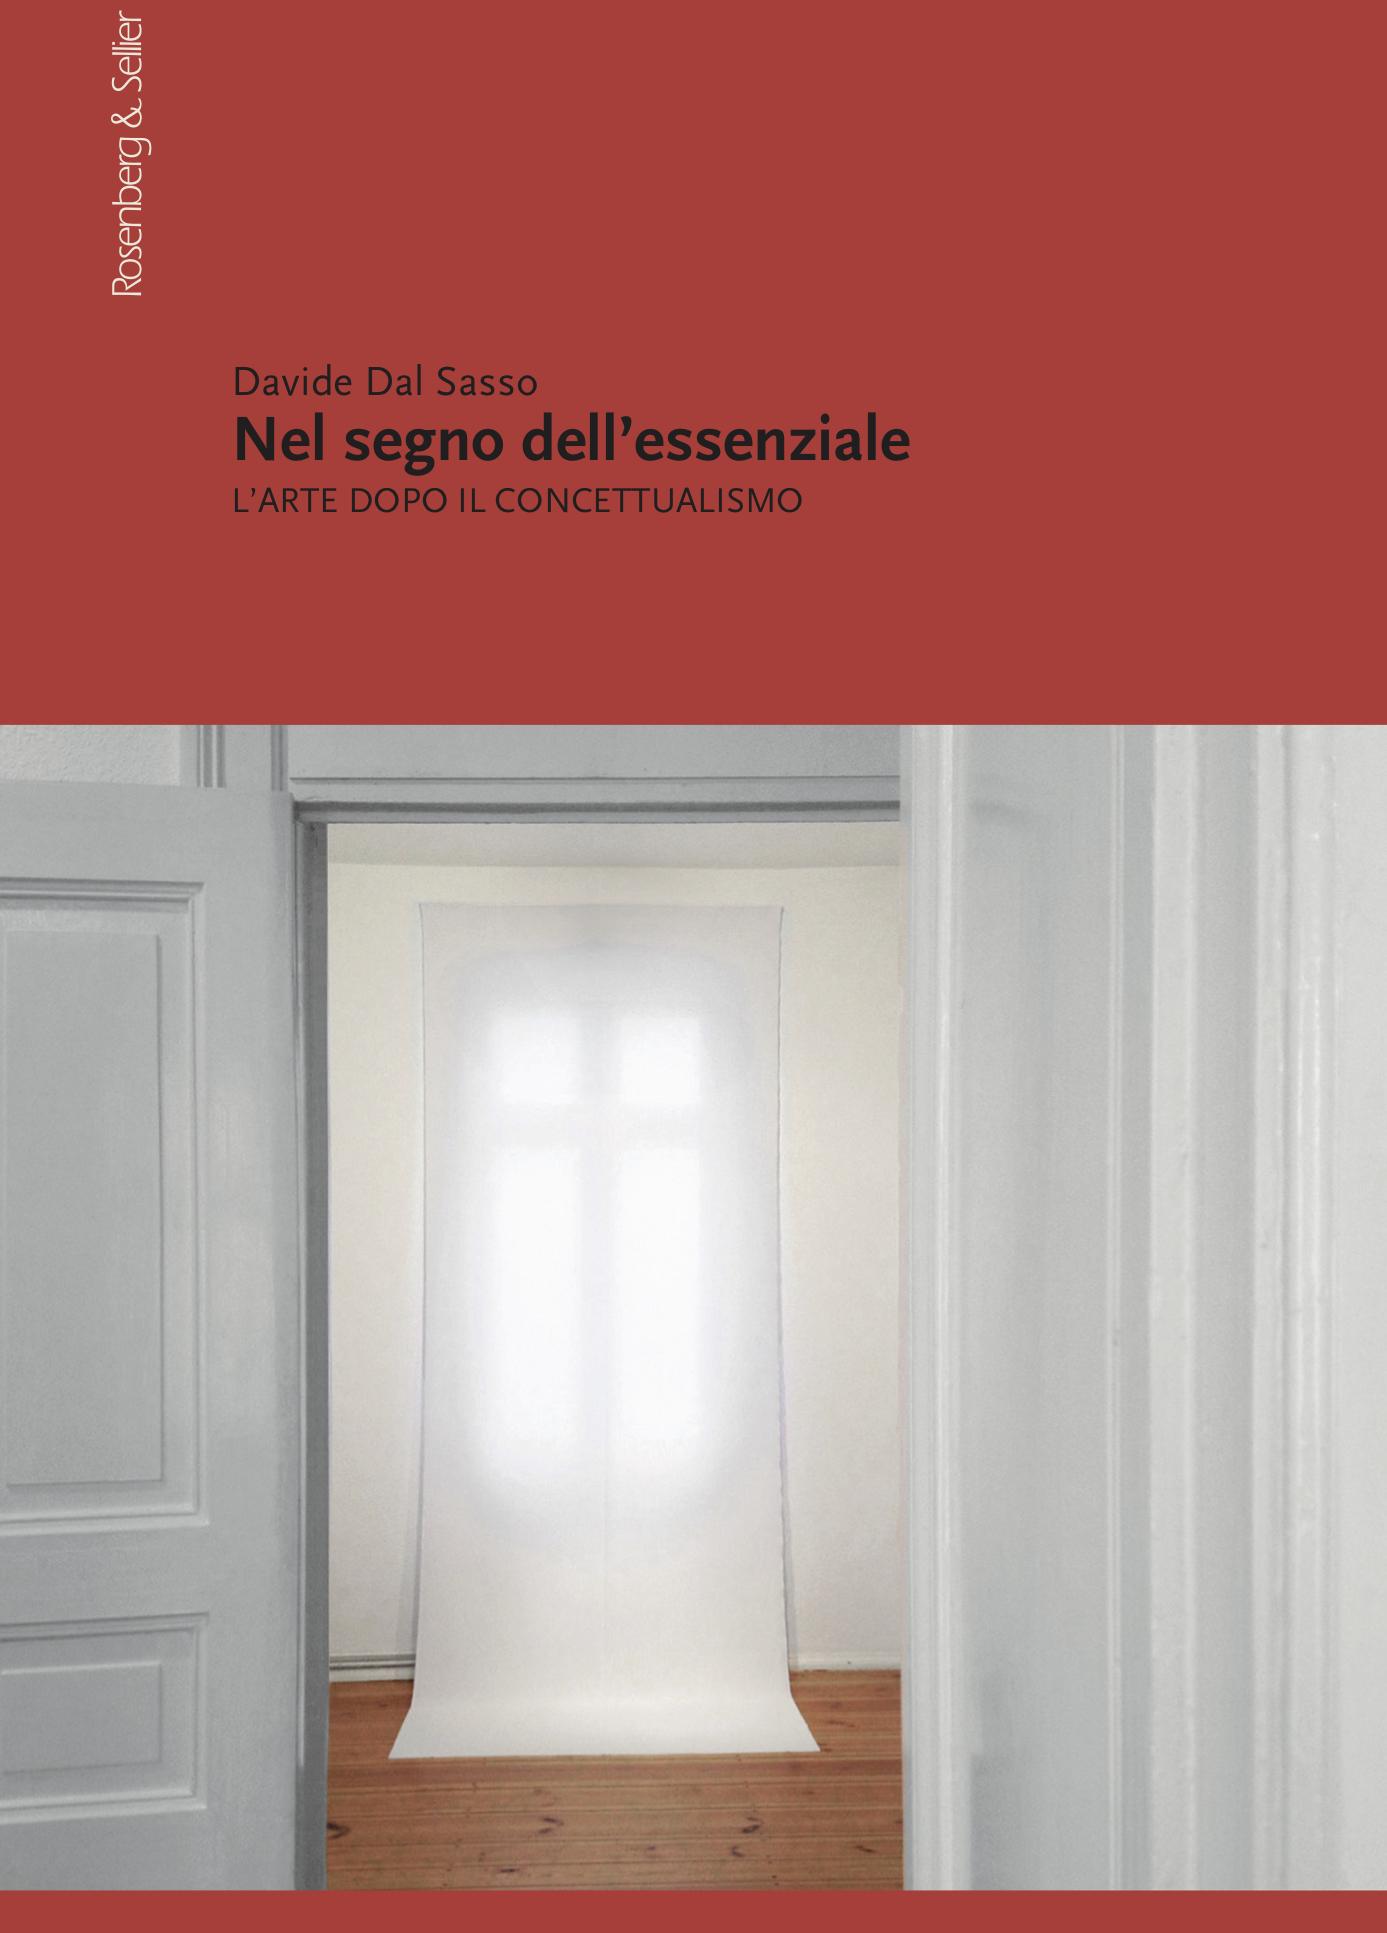 Nel segno dell'essenziale - Davide Dal Sasso